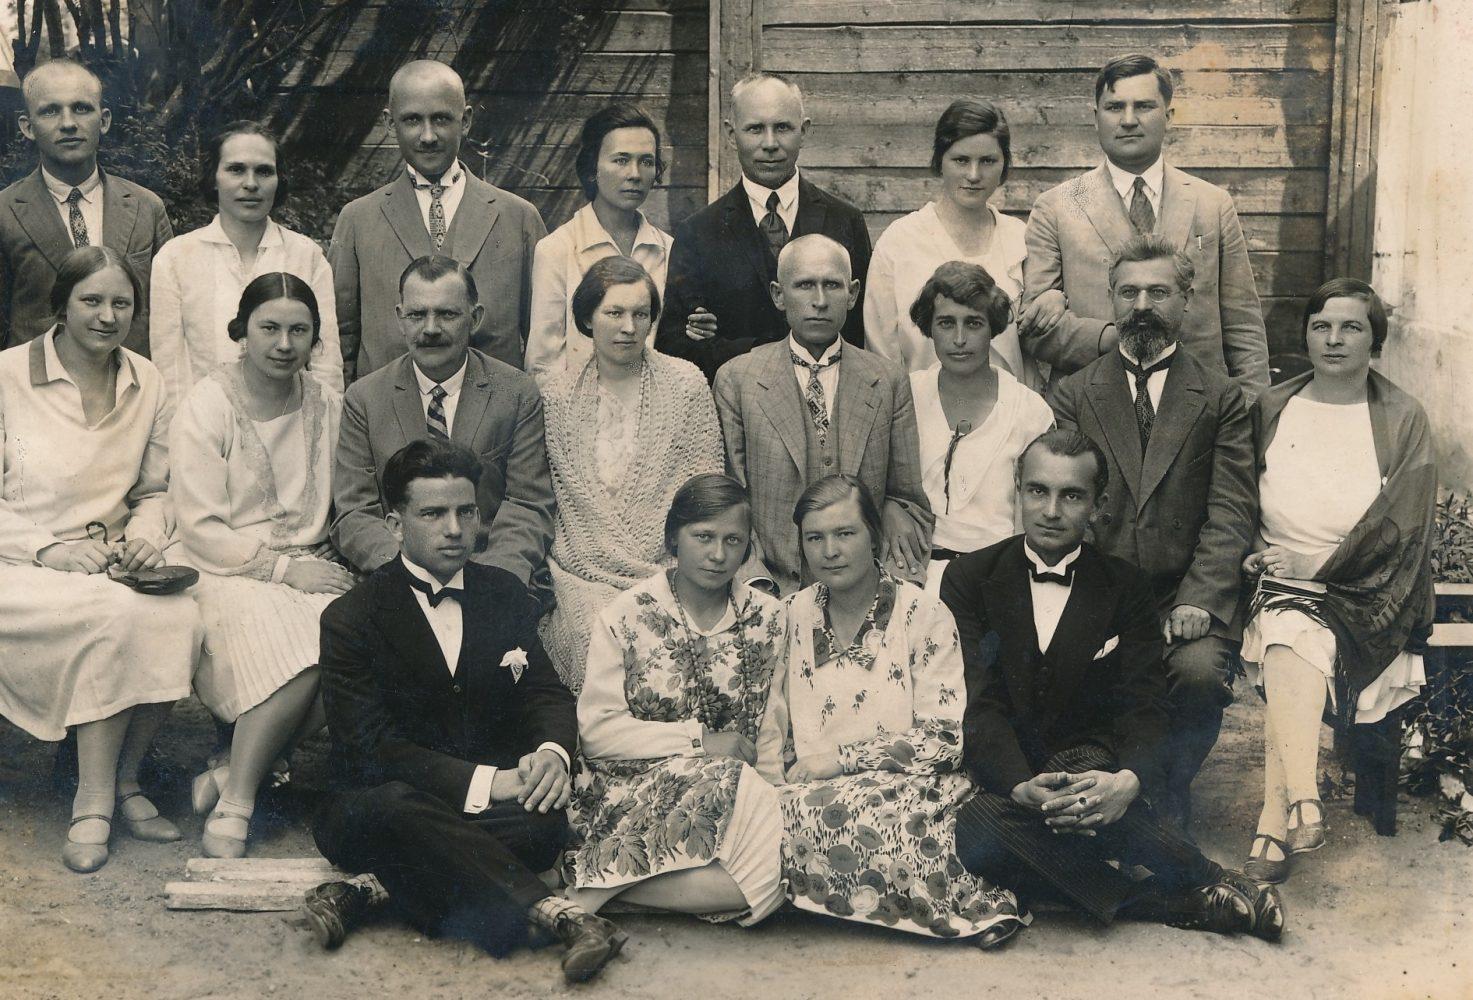 Panevėžio mokytojų seminarijos 10-mečio minėjimas. 1-oje eilėje iš kairės 1-as Juozas Mičiulis, iš dešinės 1-as Juozapas Žilvitis; 2-oje eilėje iš kairės: Aleksandra Šilgalytė, Bronislava Aleksandravičiūtė (Grinienė), Pranas Giedravičius, Paulina Žalnieriūnaitė (Jankevičienė), Juozas Balčikonis, Herta Calmanaitė, Justinas Jankevičius, Anelė Strepekienė; 3-ioje eilėje iš kairės: Mykolas Blusys, Kazė Žėkonytė, Jurgis Elisonas, Elena Markevičiūtė, Juozas Zikaras, Veronika Kalendaitė (Būtėnienė), Alfonsas Gilvydis. Fotogr. Iciko Frido. Panevėžys. 1929.06.17. PAVB F80-501